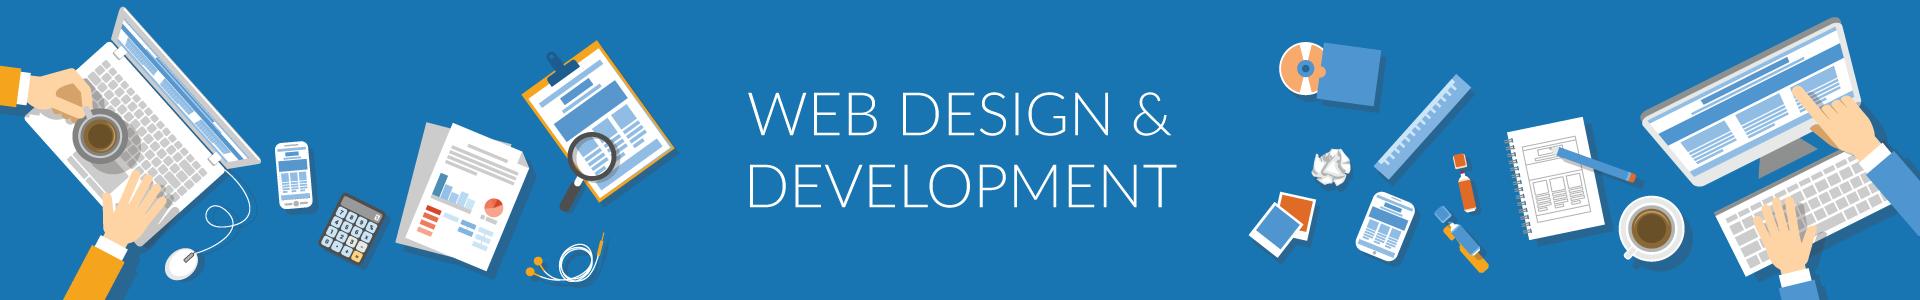 web-dev-header.png